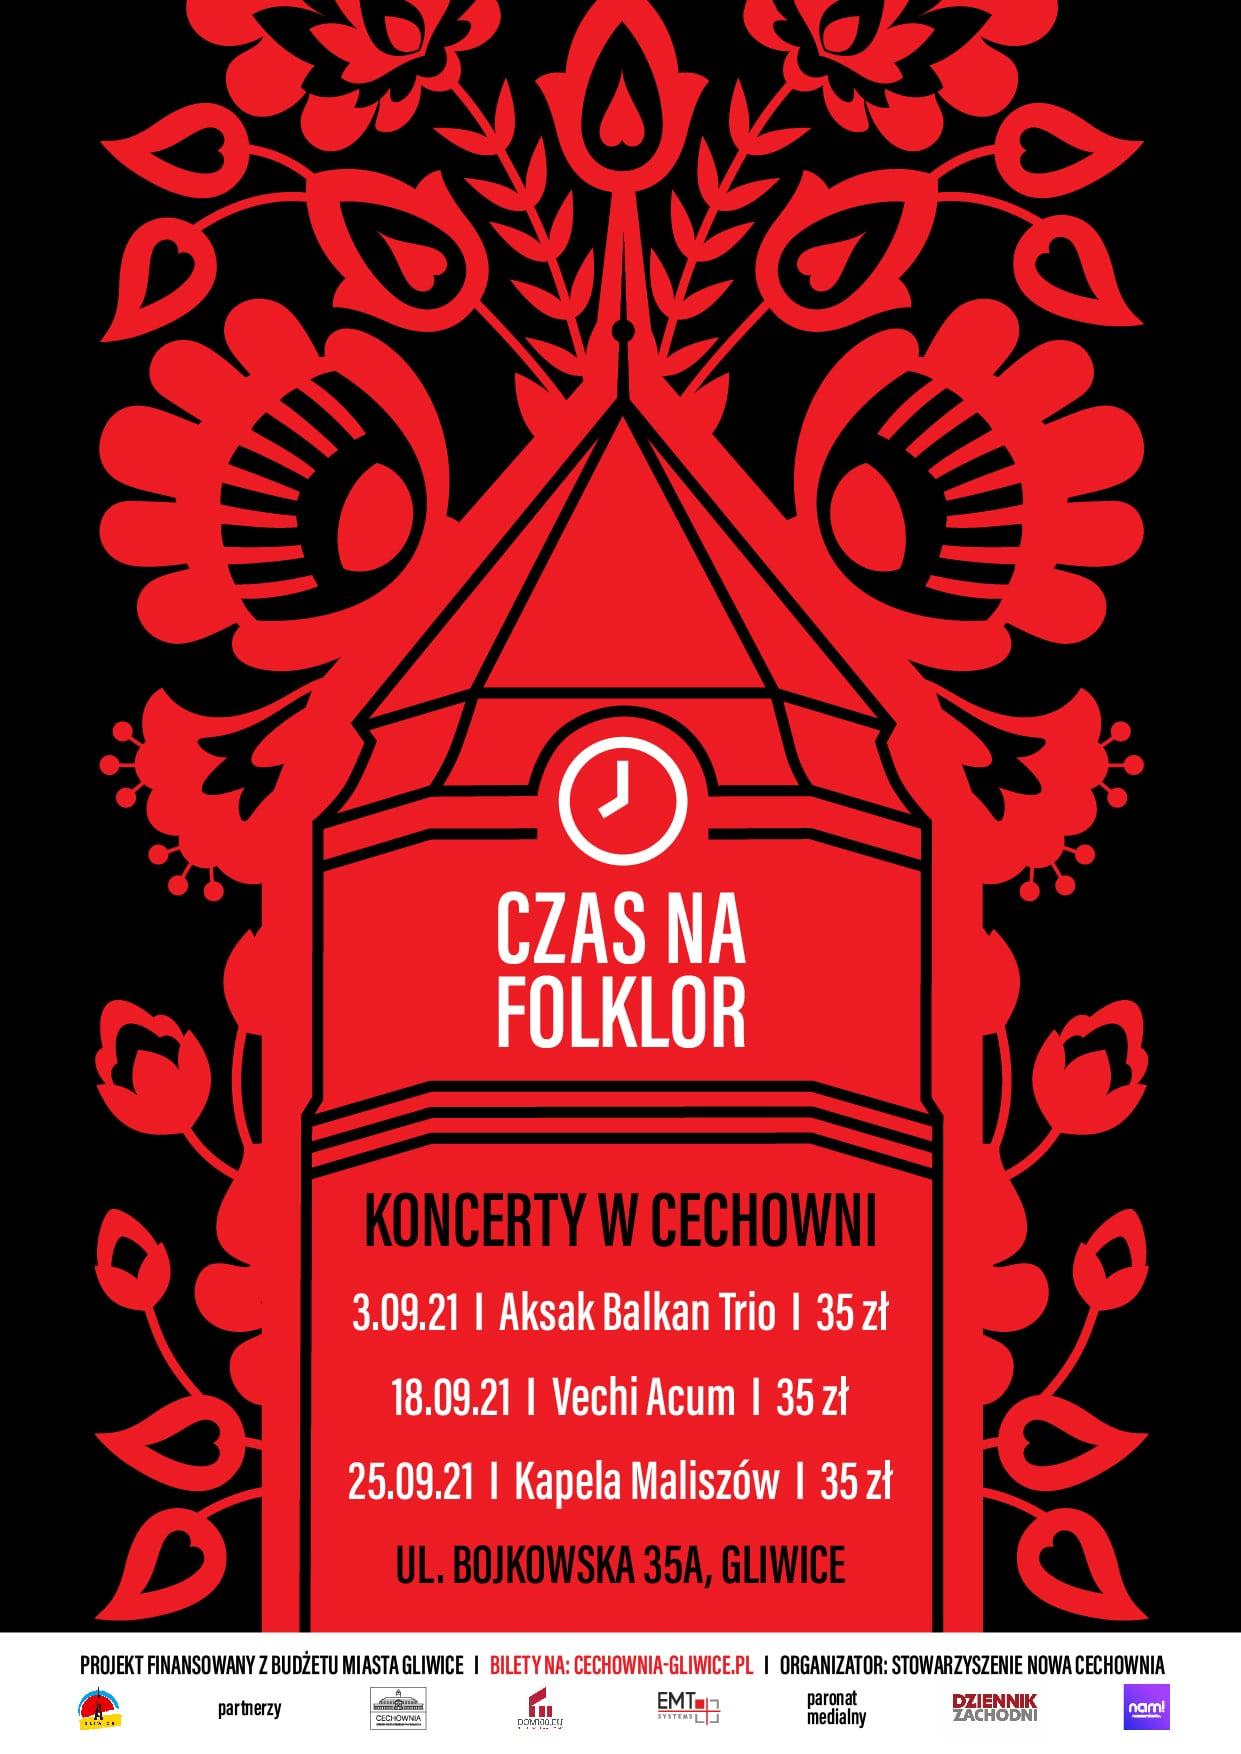 Czas_na_Folklor_Gliwice_Cechownia